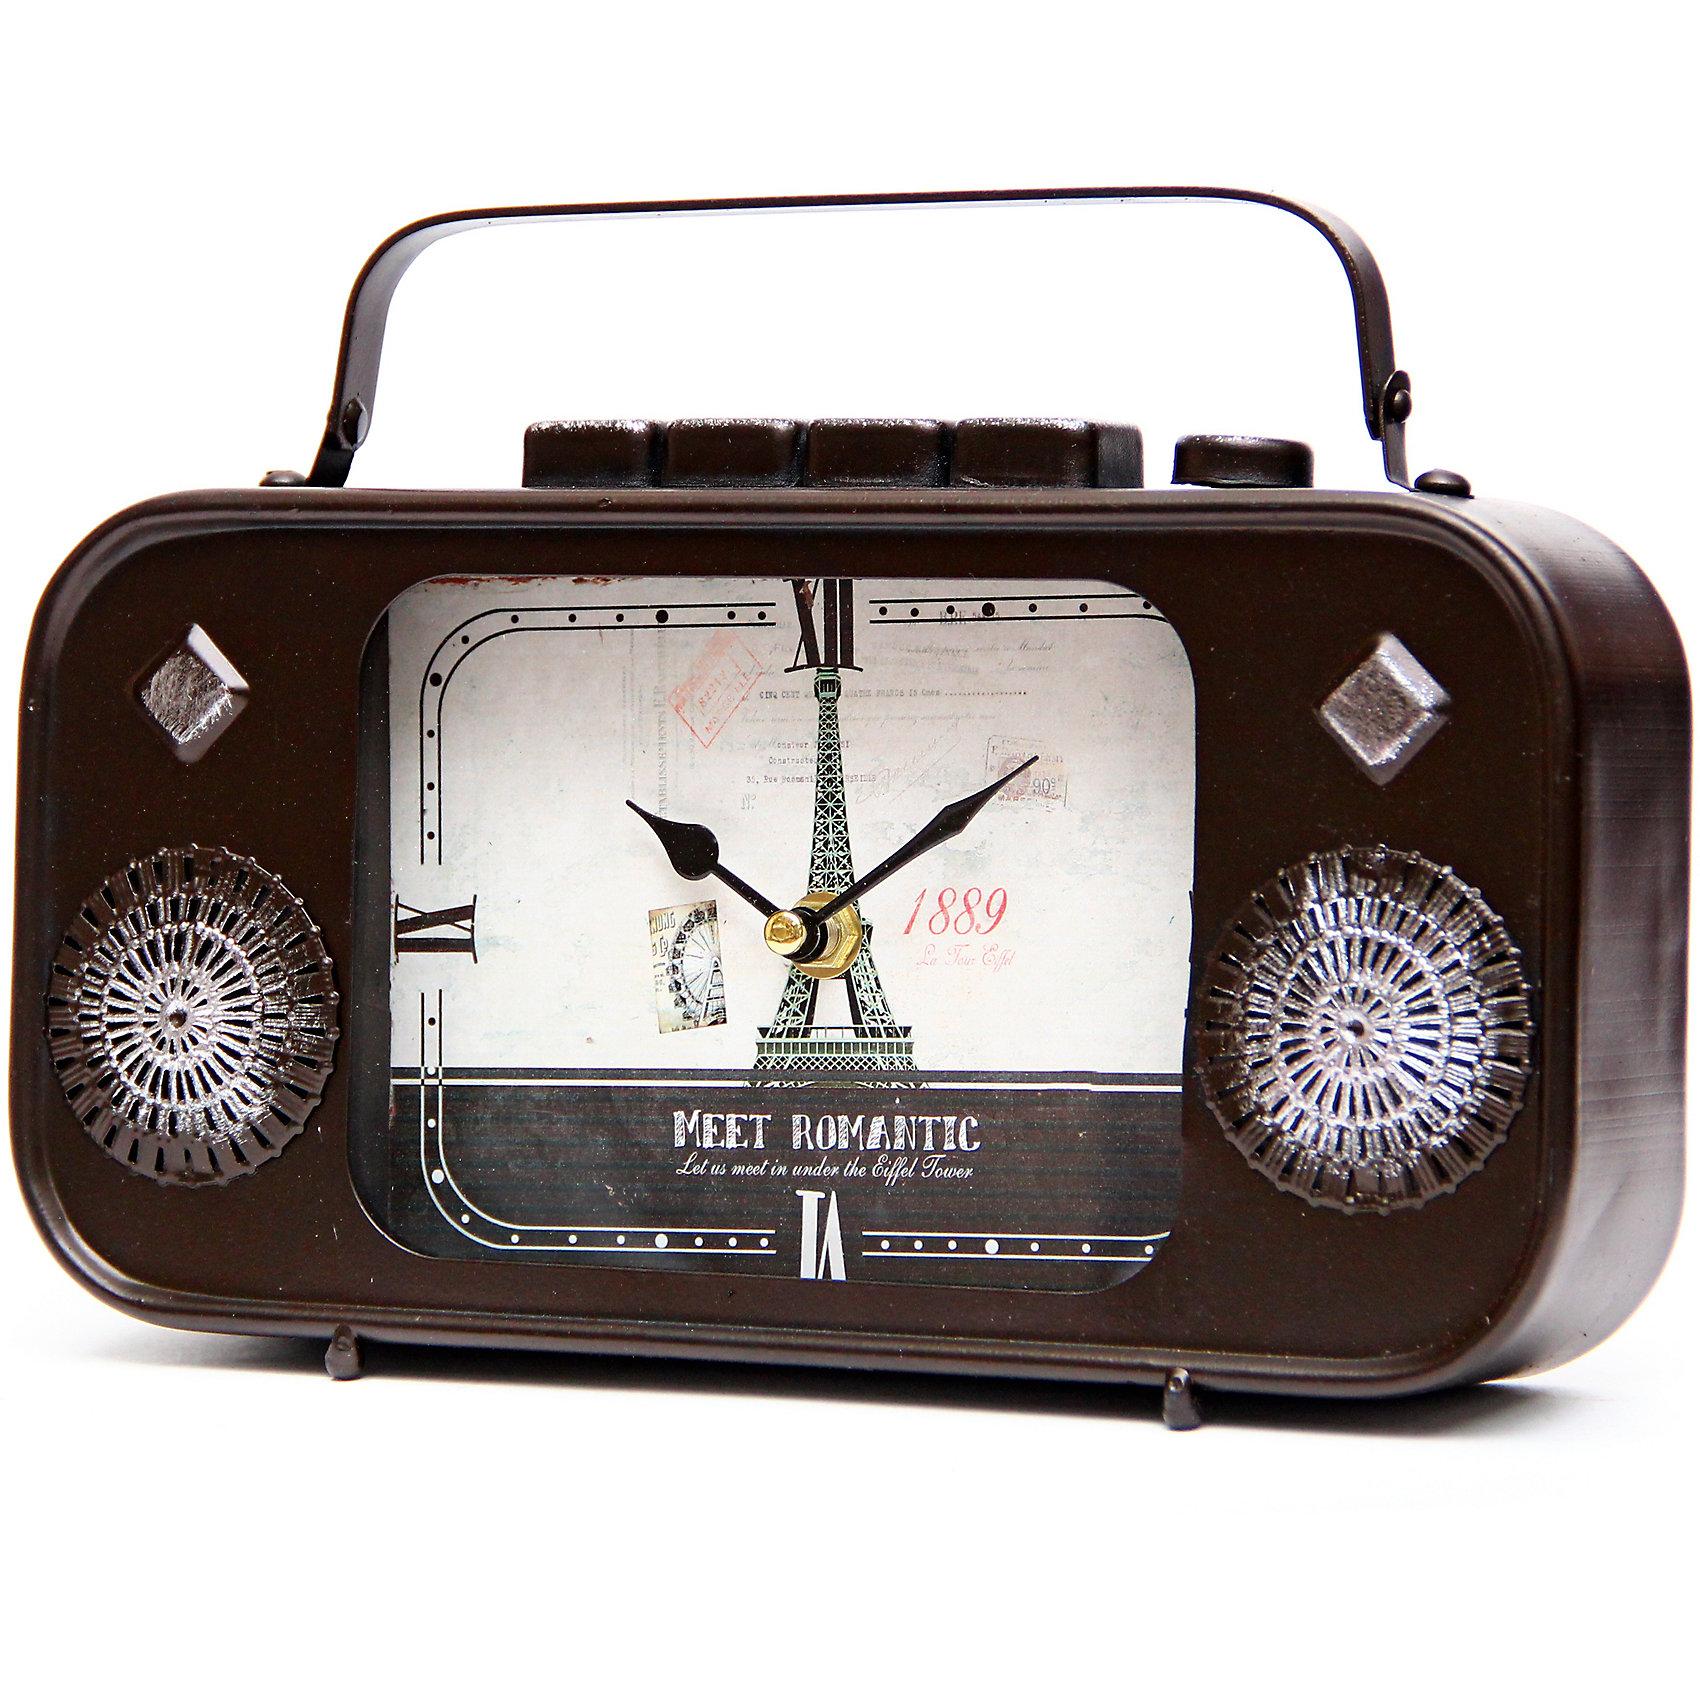 Часы Радио настольные кварцевые, Феникс-ПрезентЧасы Радио настольные кварцевые, Феникс-Презент<br><br>Характеристики:<br><br>• оригинальный дизайн в виде радио<br>• тип часов: кварцевые<br>• размер: 27,5х5,5х18 см<br>• материал: металл<br>• материал циферблата: металл с покрытием из принтованной бумаги<br>• батарейки: АА - 1 шт. (не входит в комплект)<br><br>Часы Радио изготовлены из качественного металла, циферблат покрыт принтованной бумагой. Часы выполнены в виде старинного радио. Они отлично дополнят интерьер комнаты, подчеркивая стиль владельца.<br><br>Часы Радио настольные кварцевые, Феникс-Презент можно купить в нашем интернет-магазине.<br><br>Ширина мм: 280<br>Глубина мм: 60<br>Высота мм: 180<br>Вес г: 883<br>Возраст от месяцев: 120<br>Возраст до месяцев: 2147483647<br>Пол: Унисекс<br>Возраст: Детский<br>SKU: 5449709